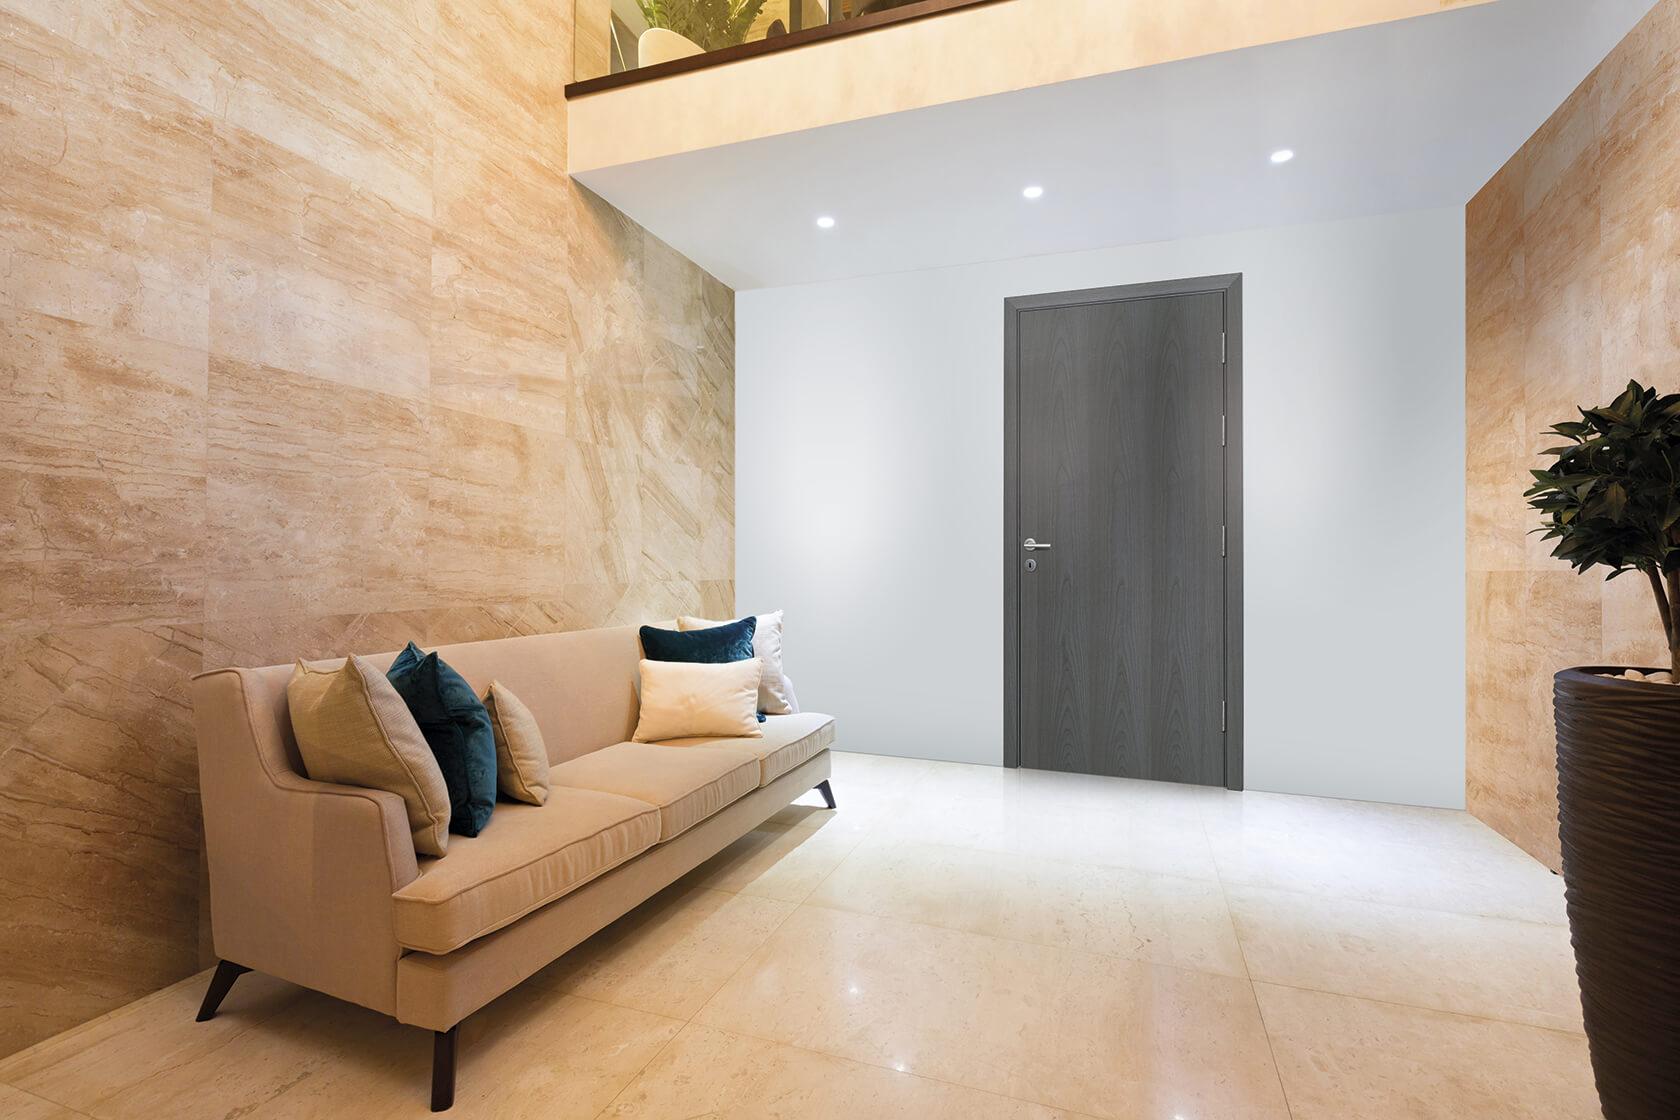 Porta interior Corta-fogo 90minutos Naturdor Stained Marina Grey